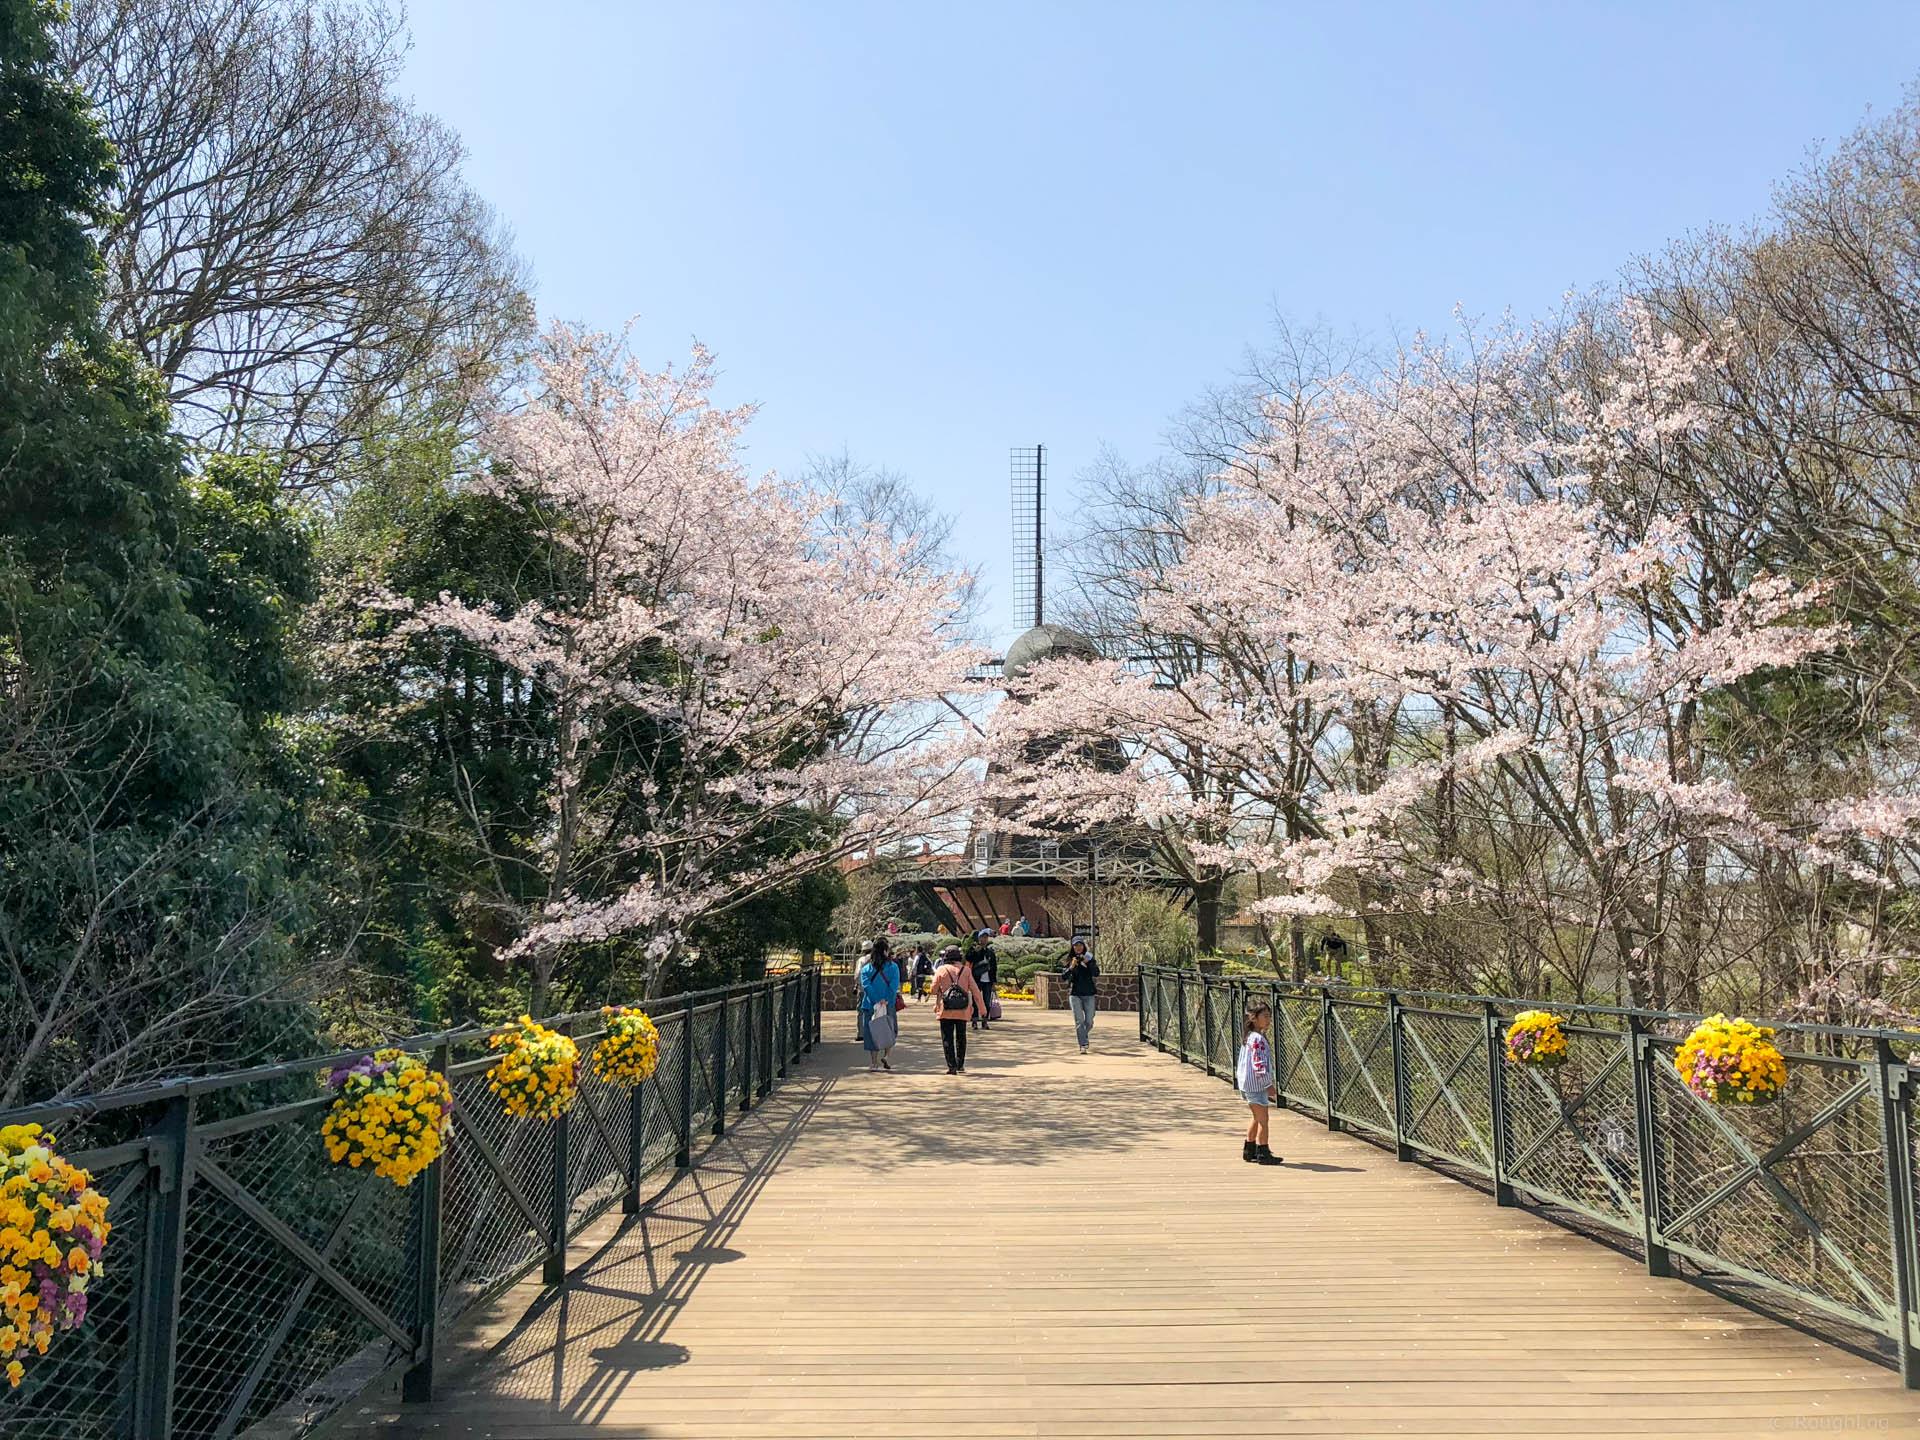 千葉県船橋市の「ふなばしアンデルセン公園」太陽の橋と桜